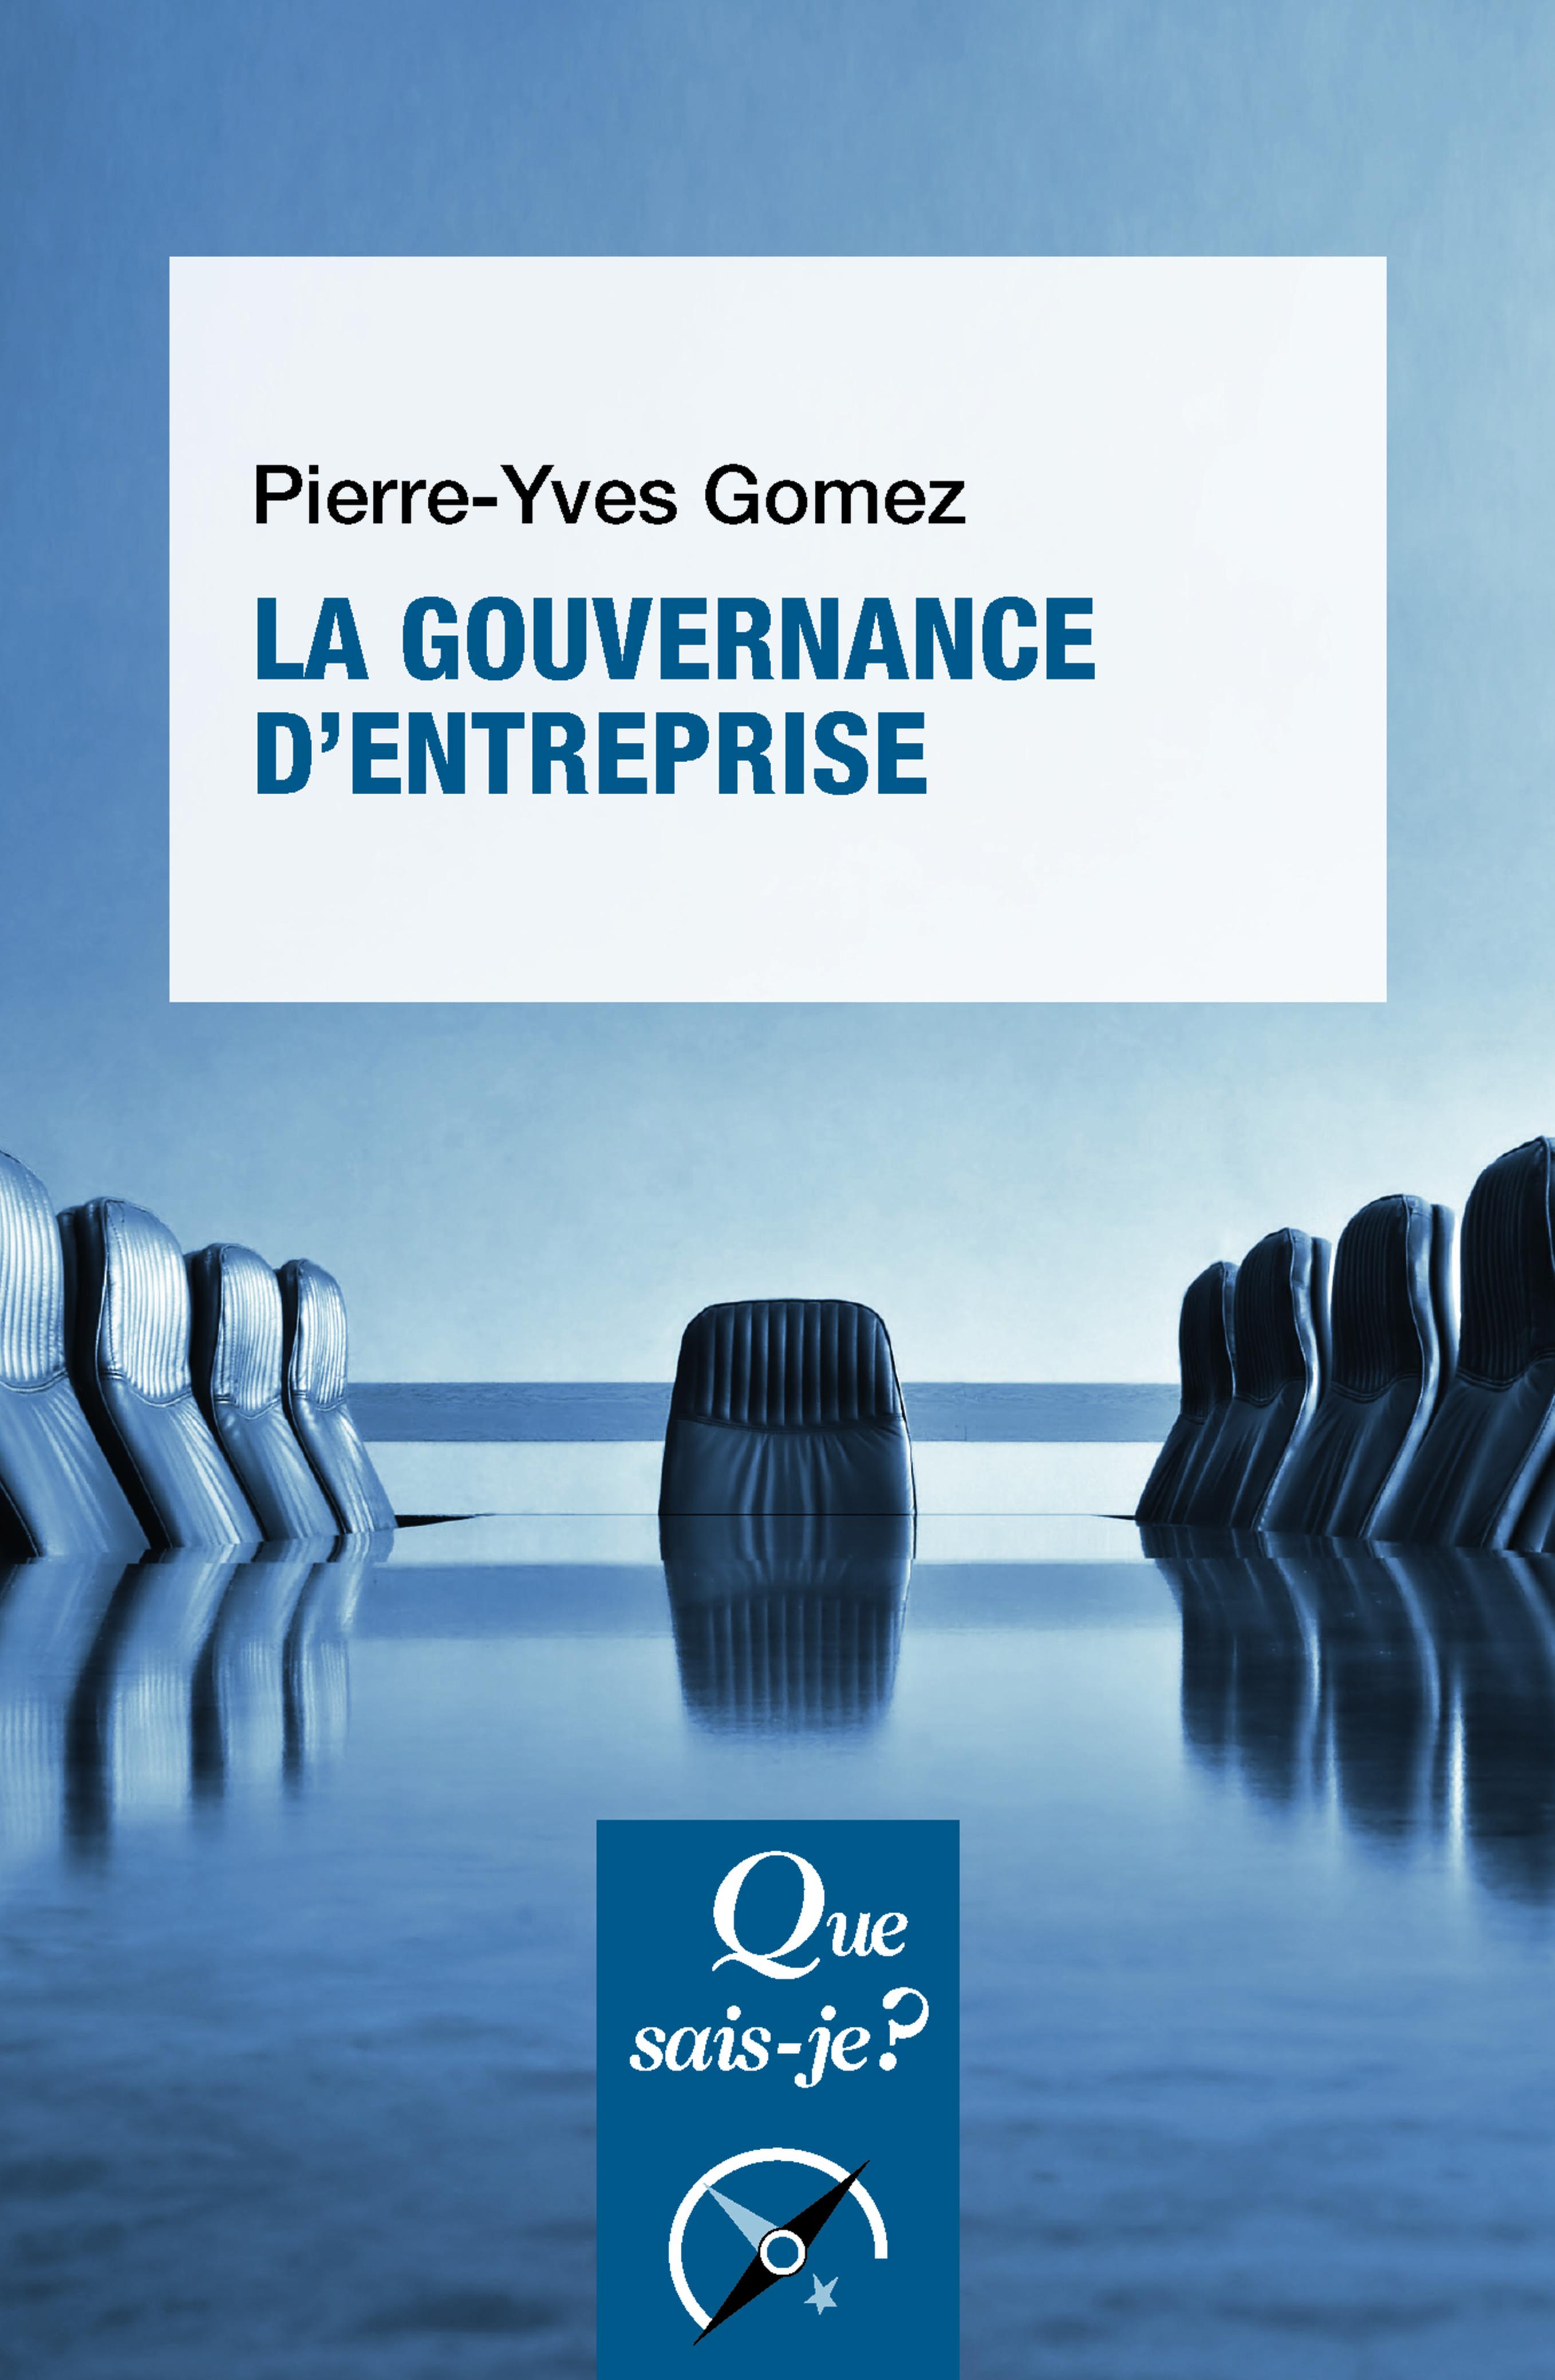 La gouvernance d entreprise - Pierre-Yves Gomez - Que sais-je   - Format  Physique et Numérique   PUF 5cd6b0406c40